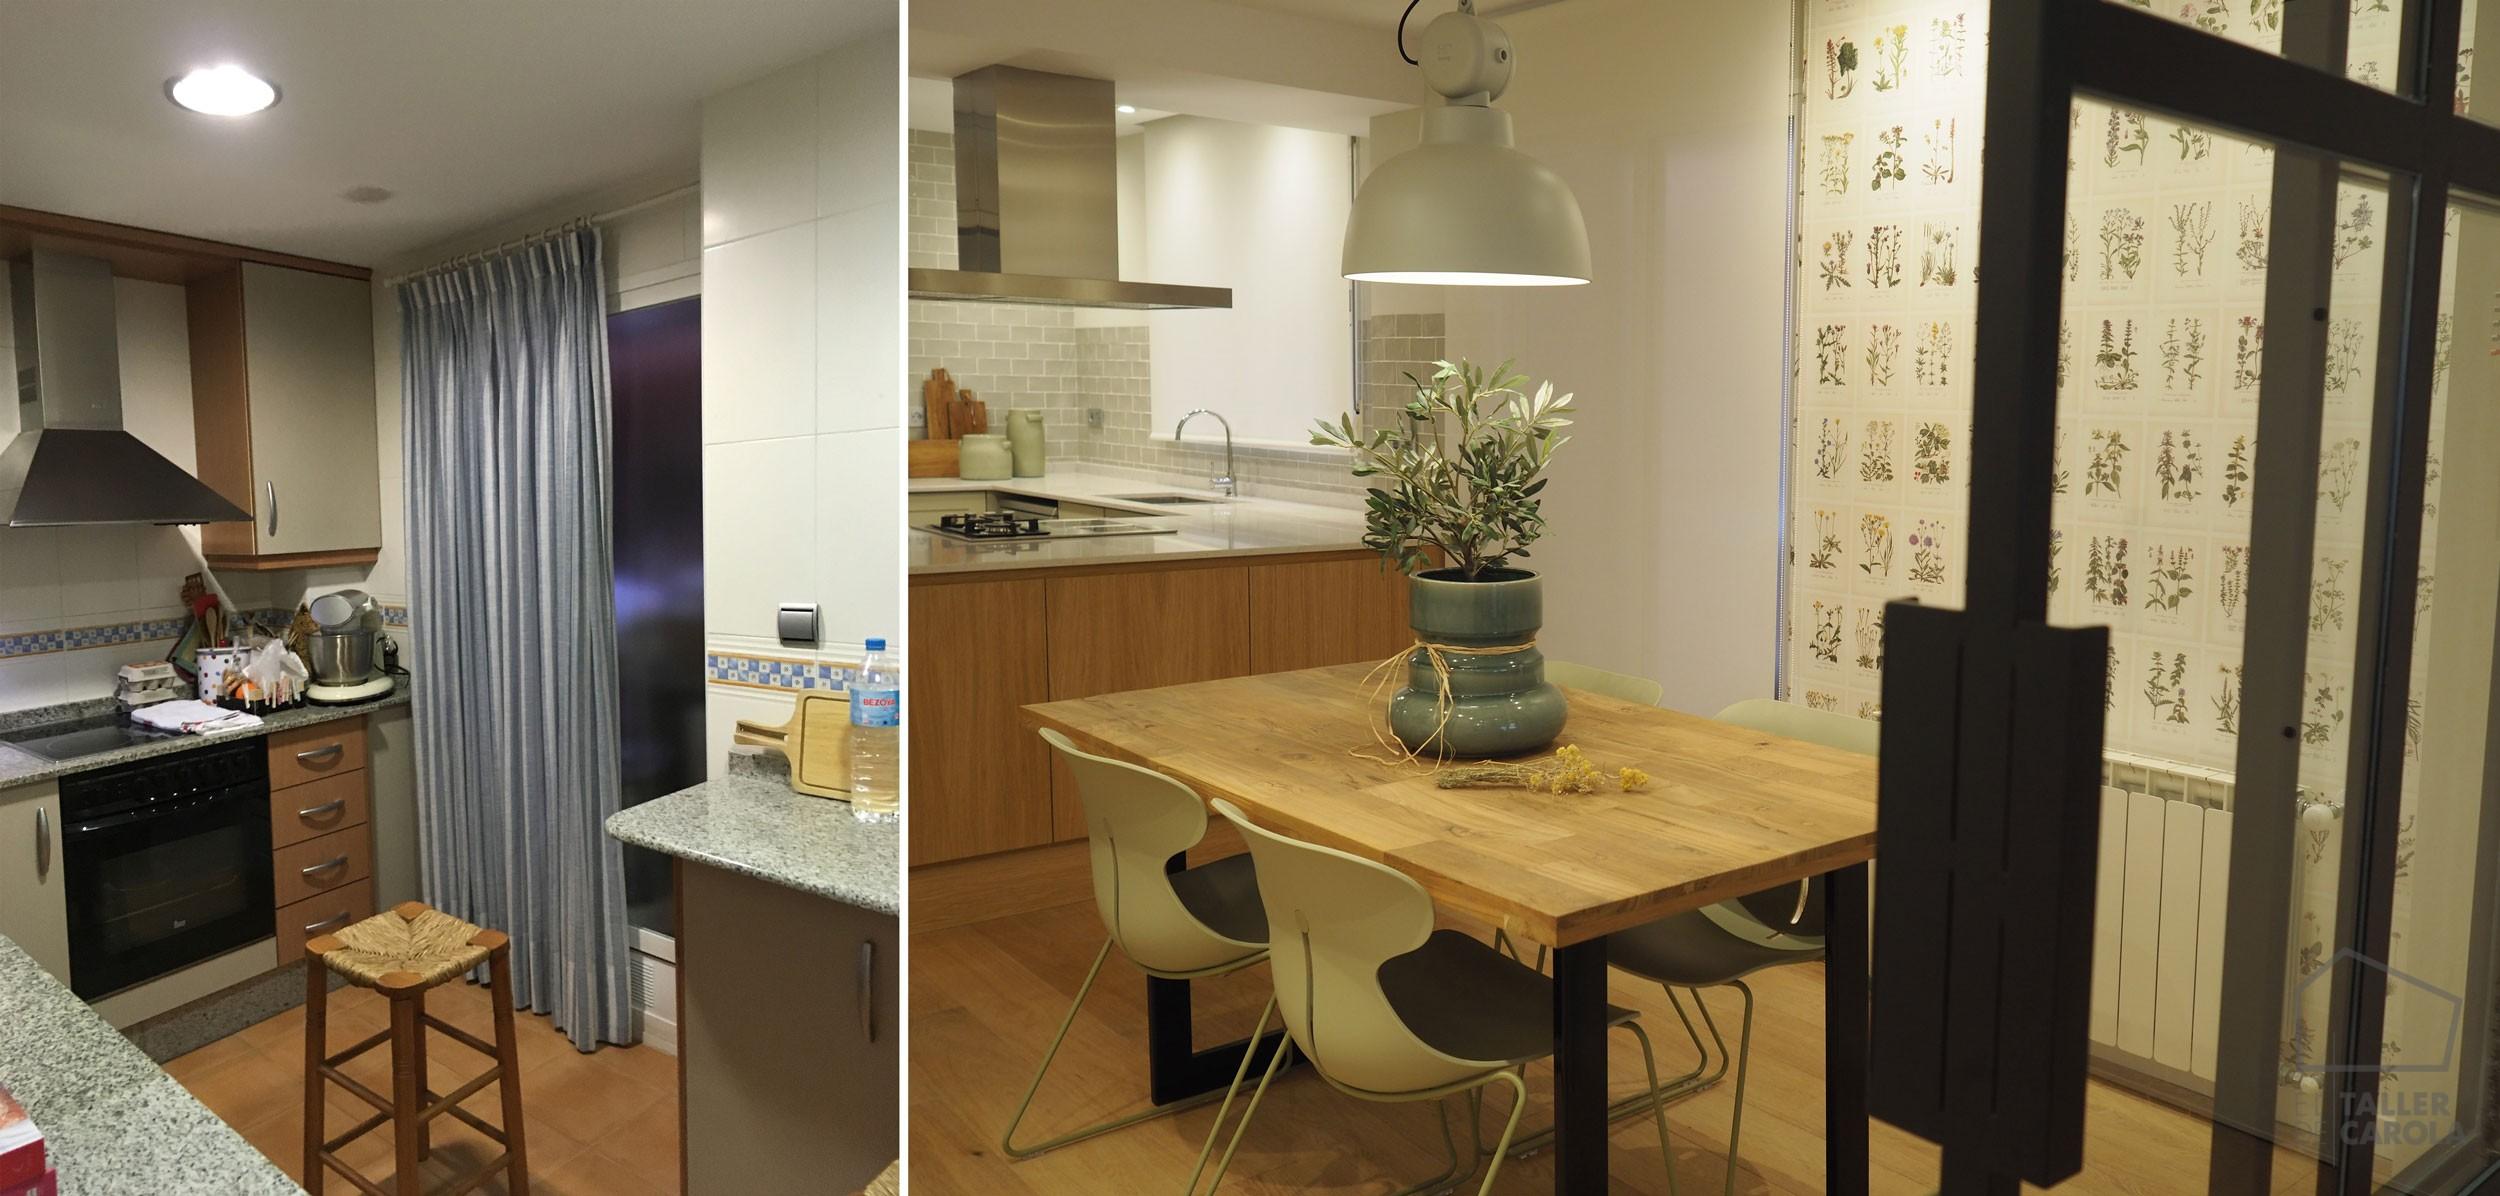 Increíble Antes Y Después De Las Imágenes De Muebles De Cocina ...